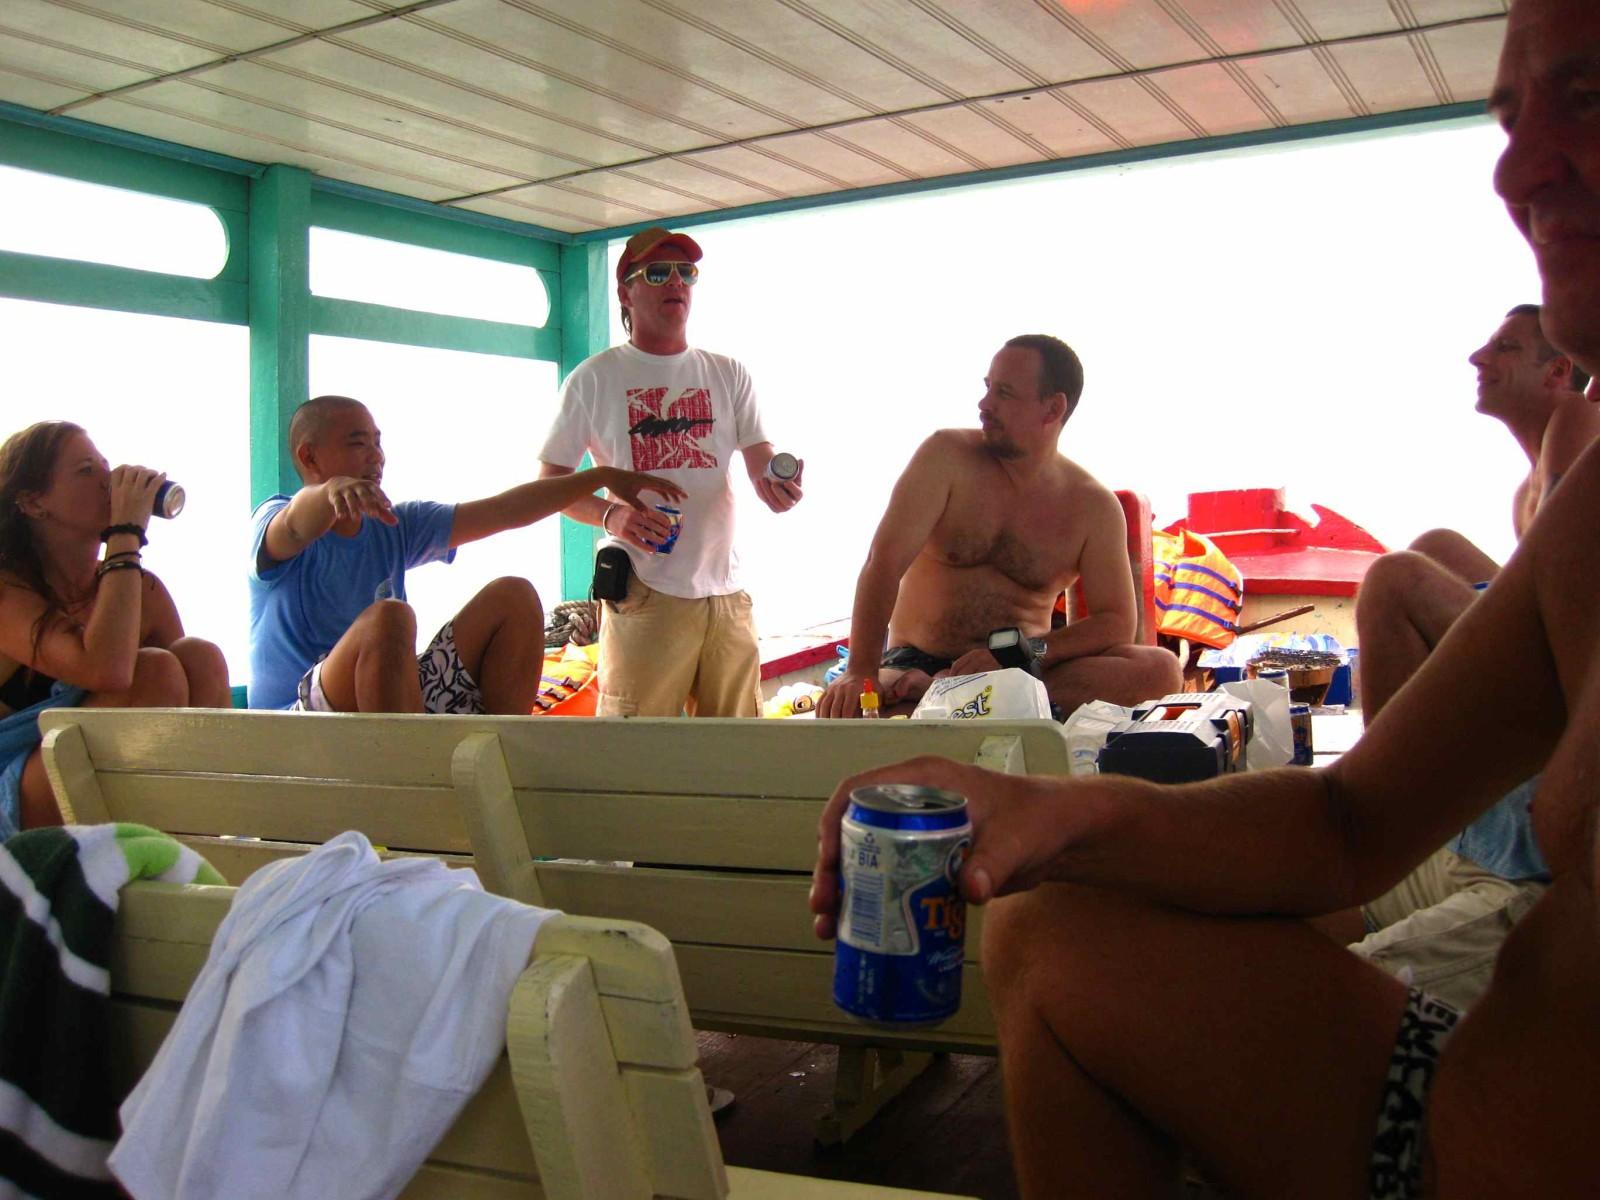 Boat Party Nha Trang